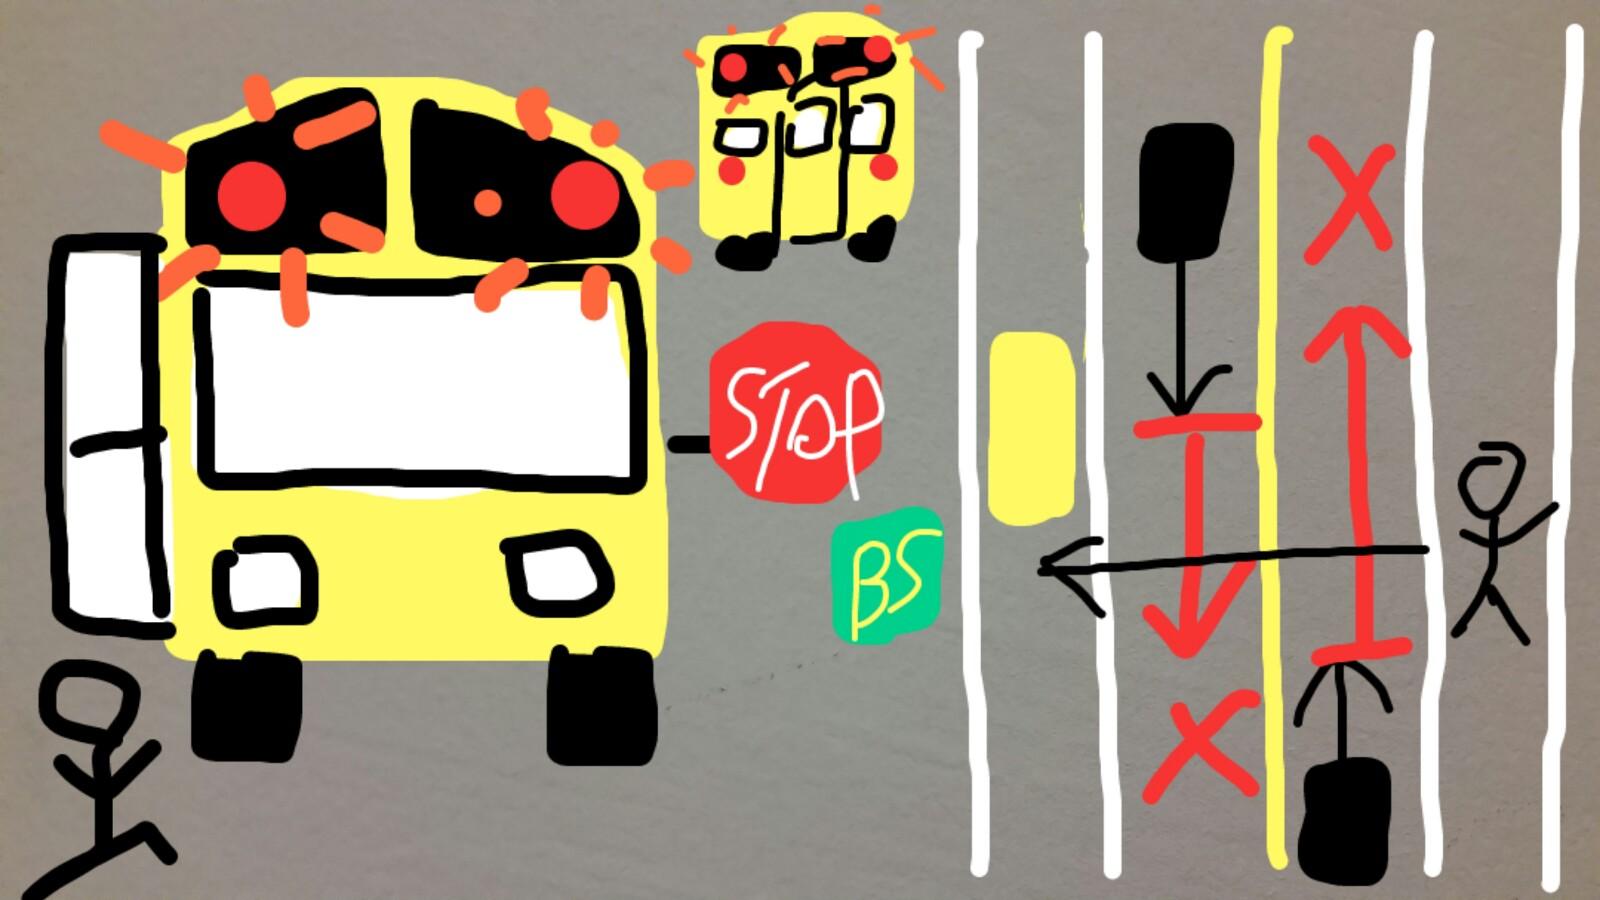 アメリカグアムスクールバス赤ランプ解説